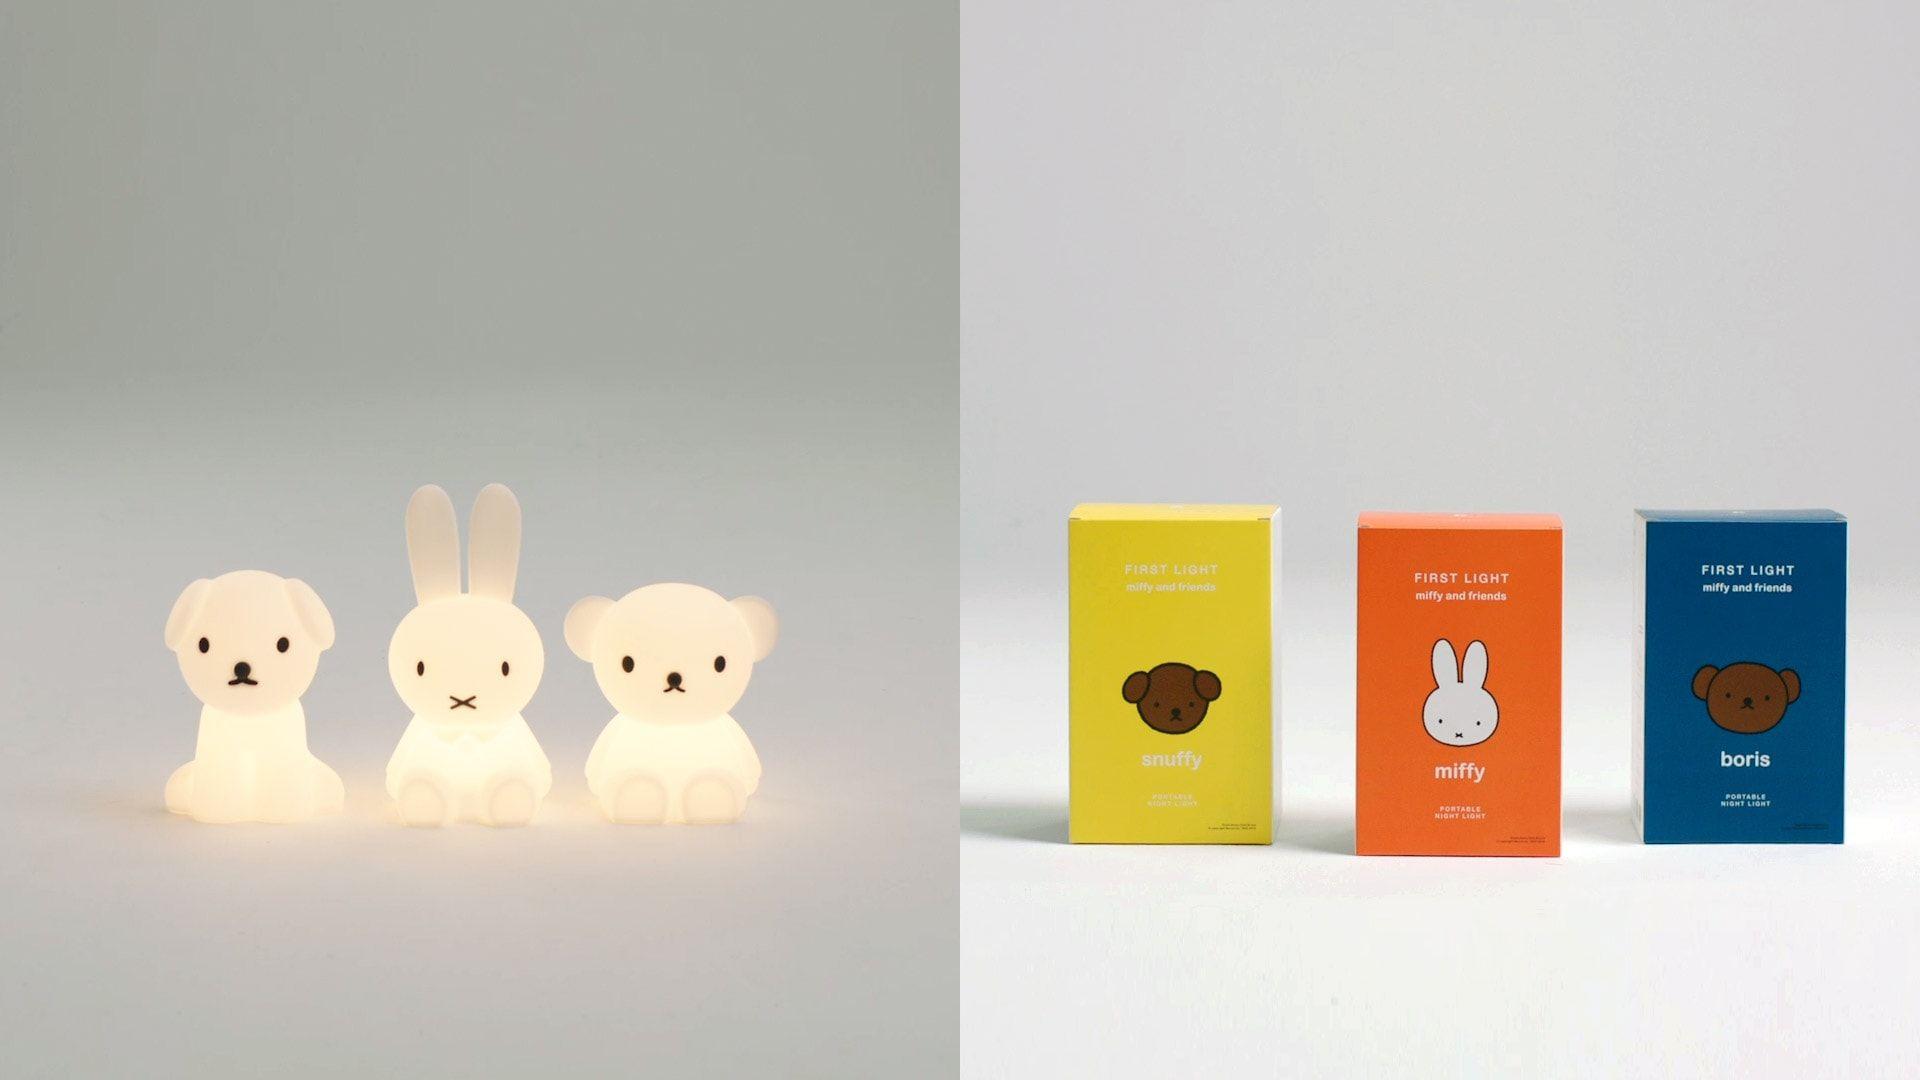 Boris, miffy & Scnhuffy lampe, neue Verpackung